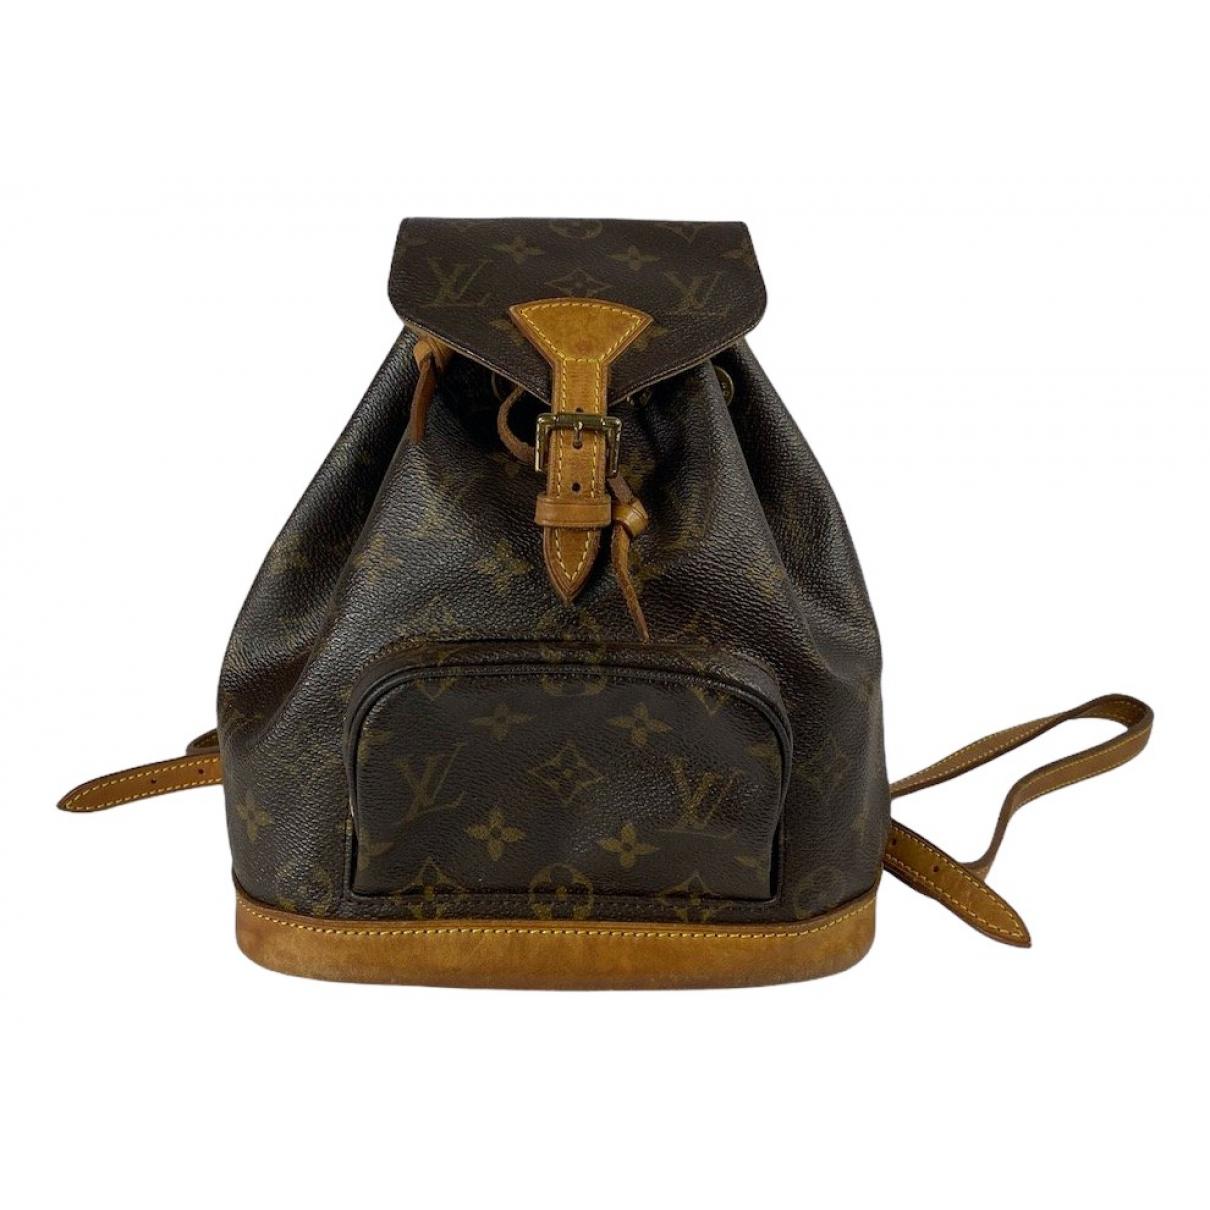 Mochila Montsouris de Lona Louis Vuitton